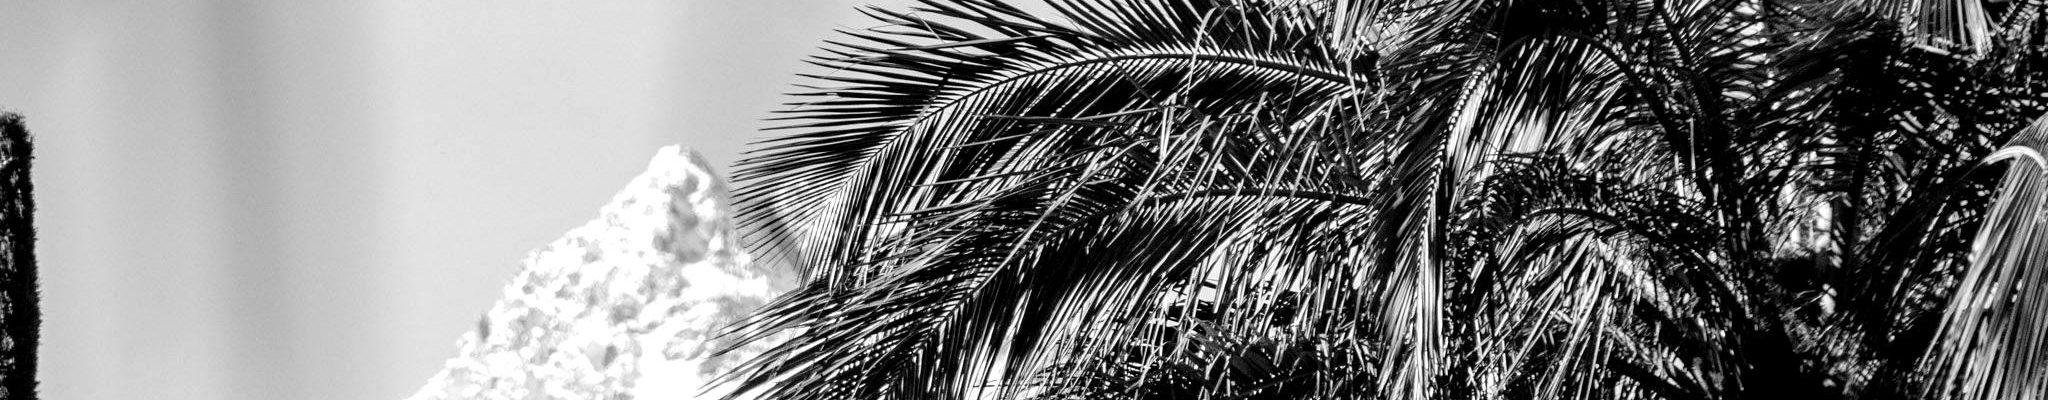 Palmenflair